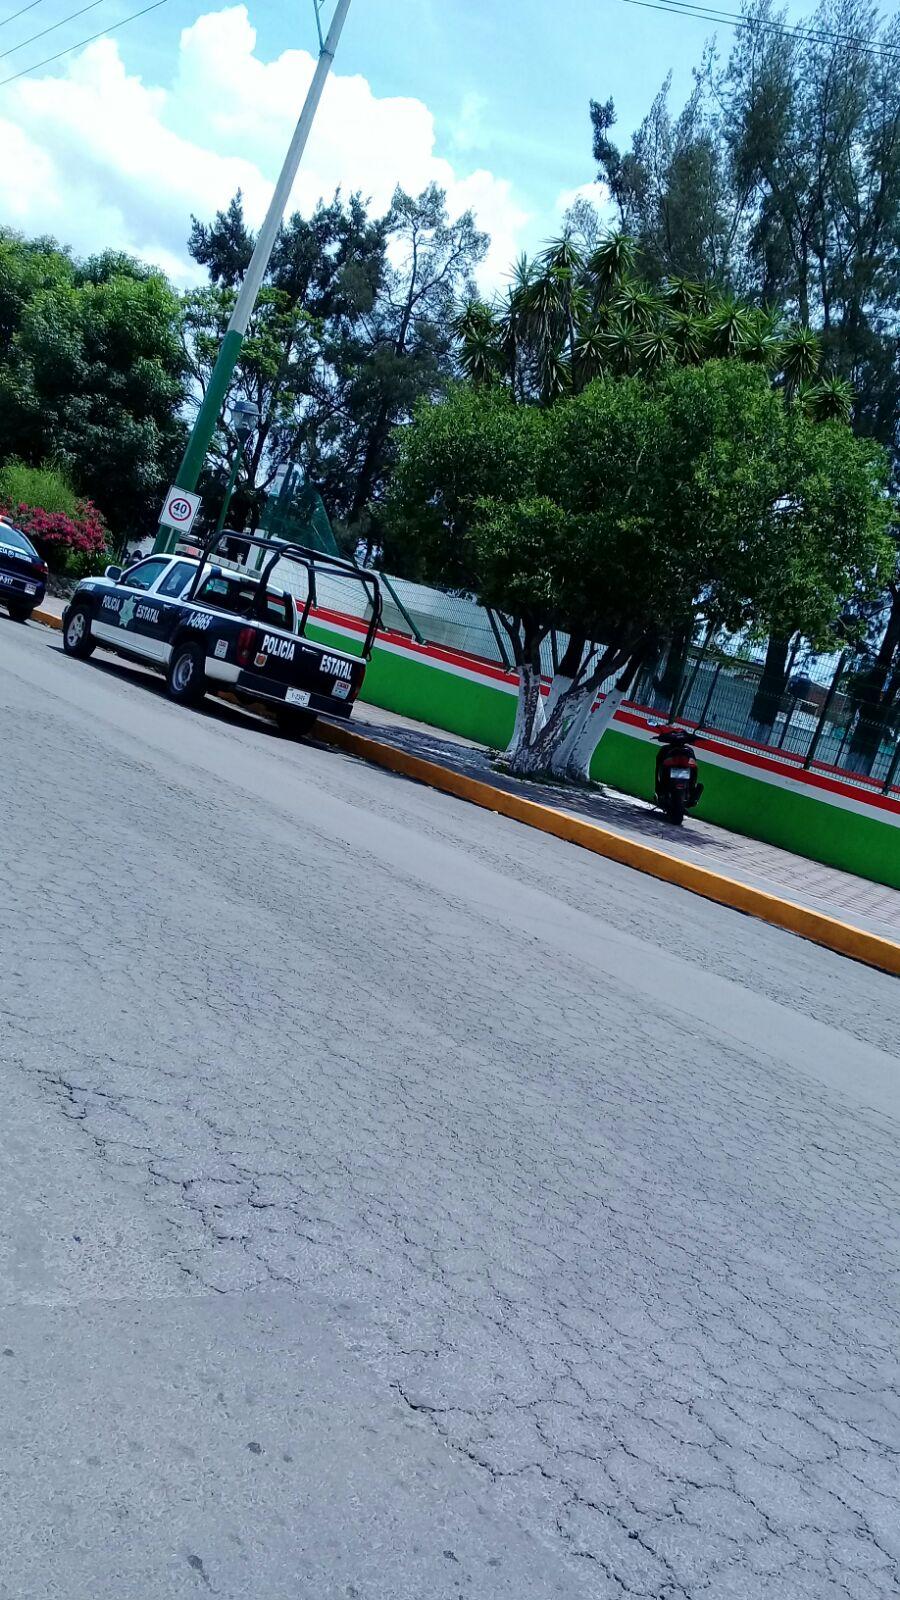 Aparece cadáver en parque de Chiautempan